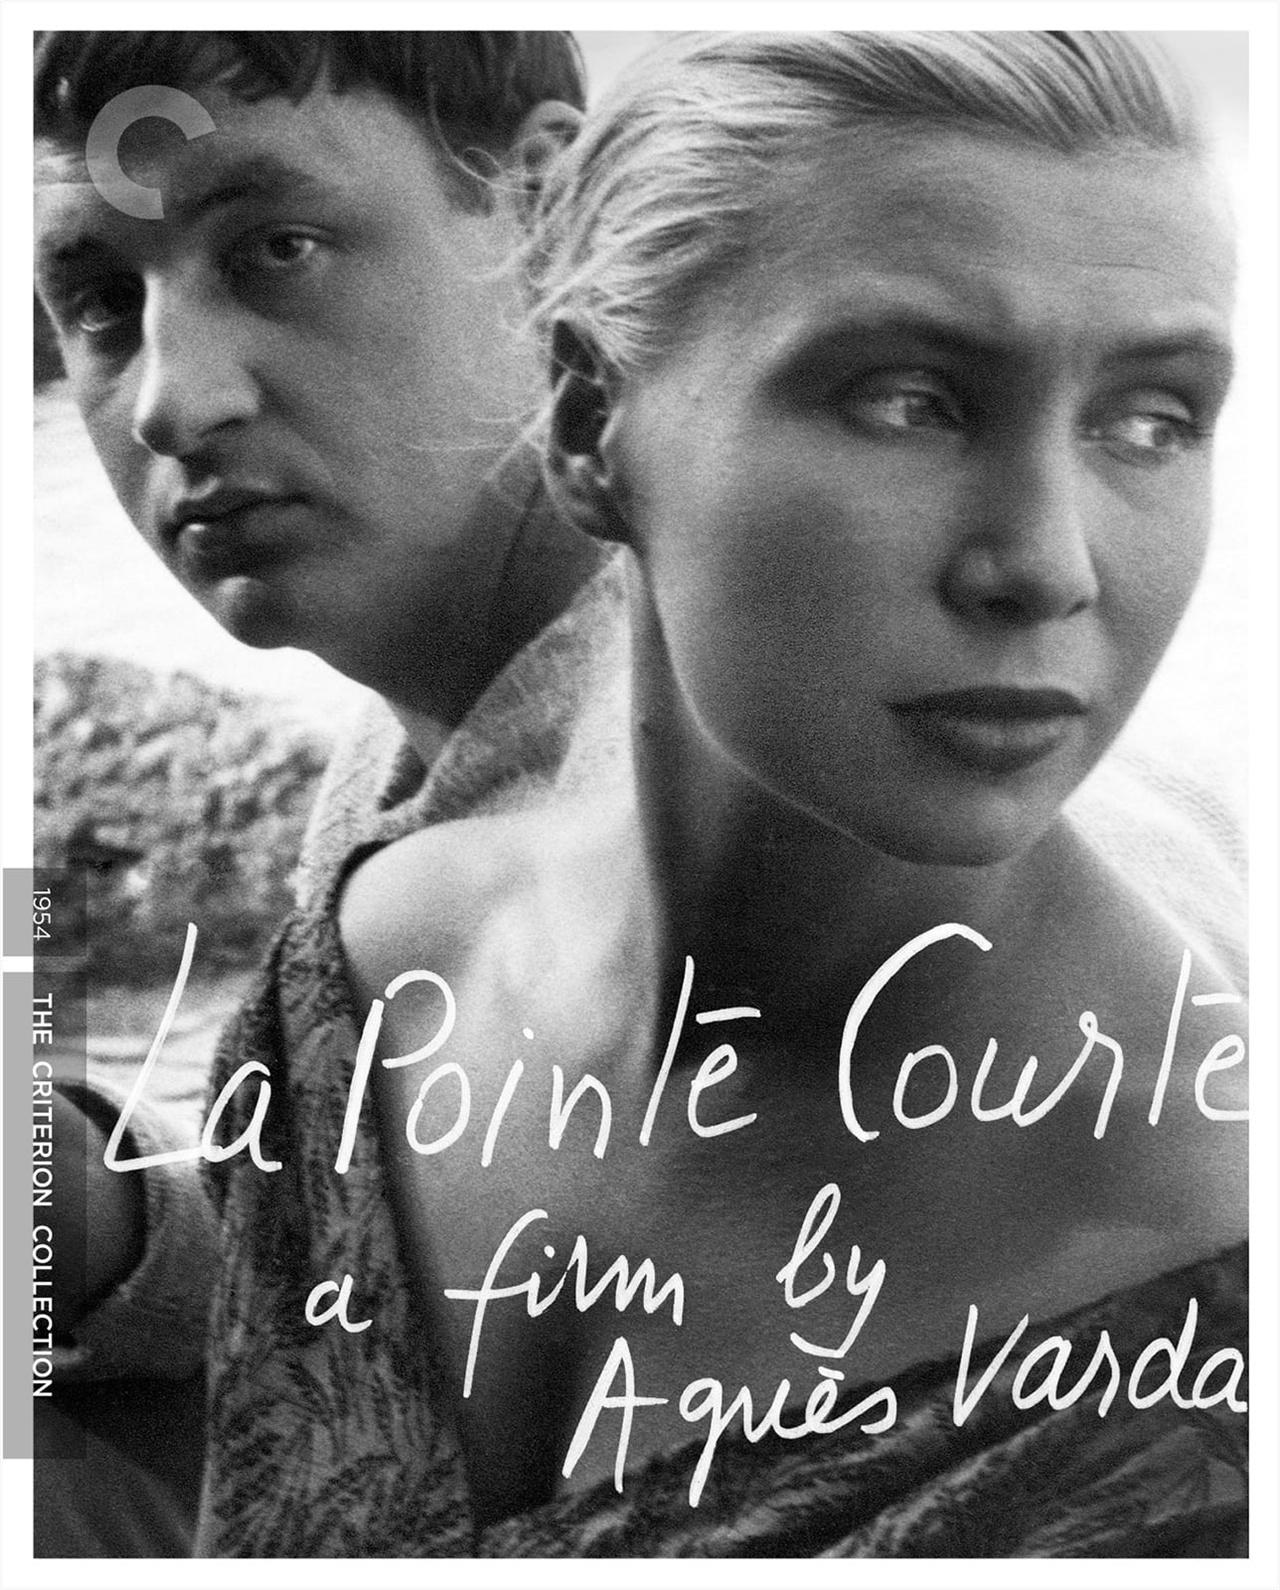 <라 푸앵트 쿠르트로의 여행> 영화 포스터.